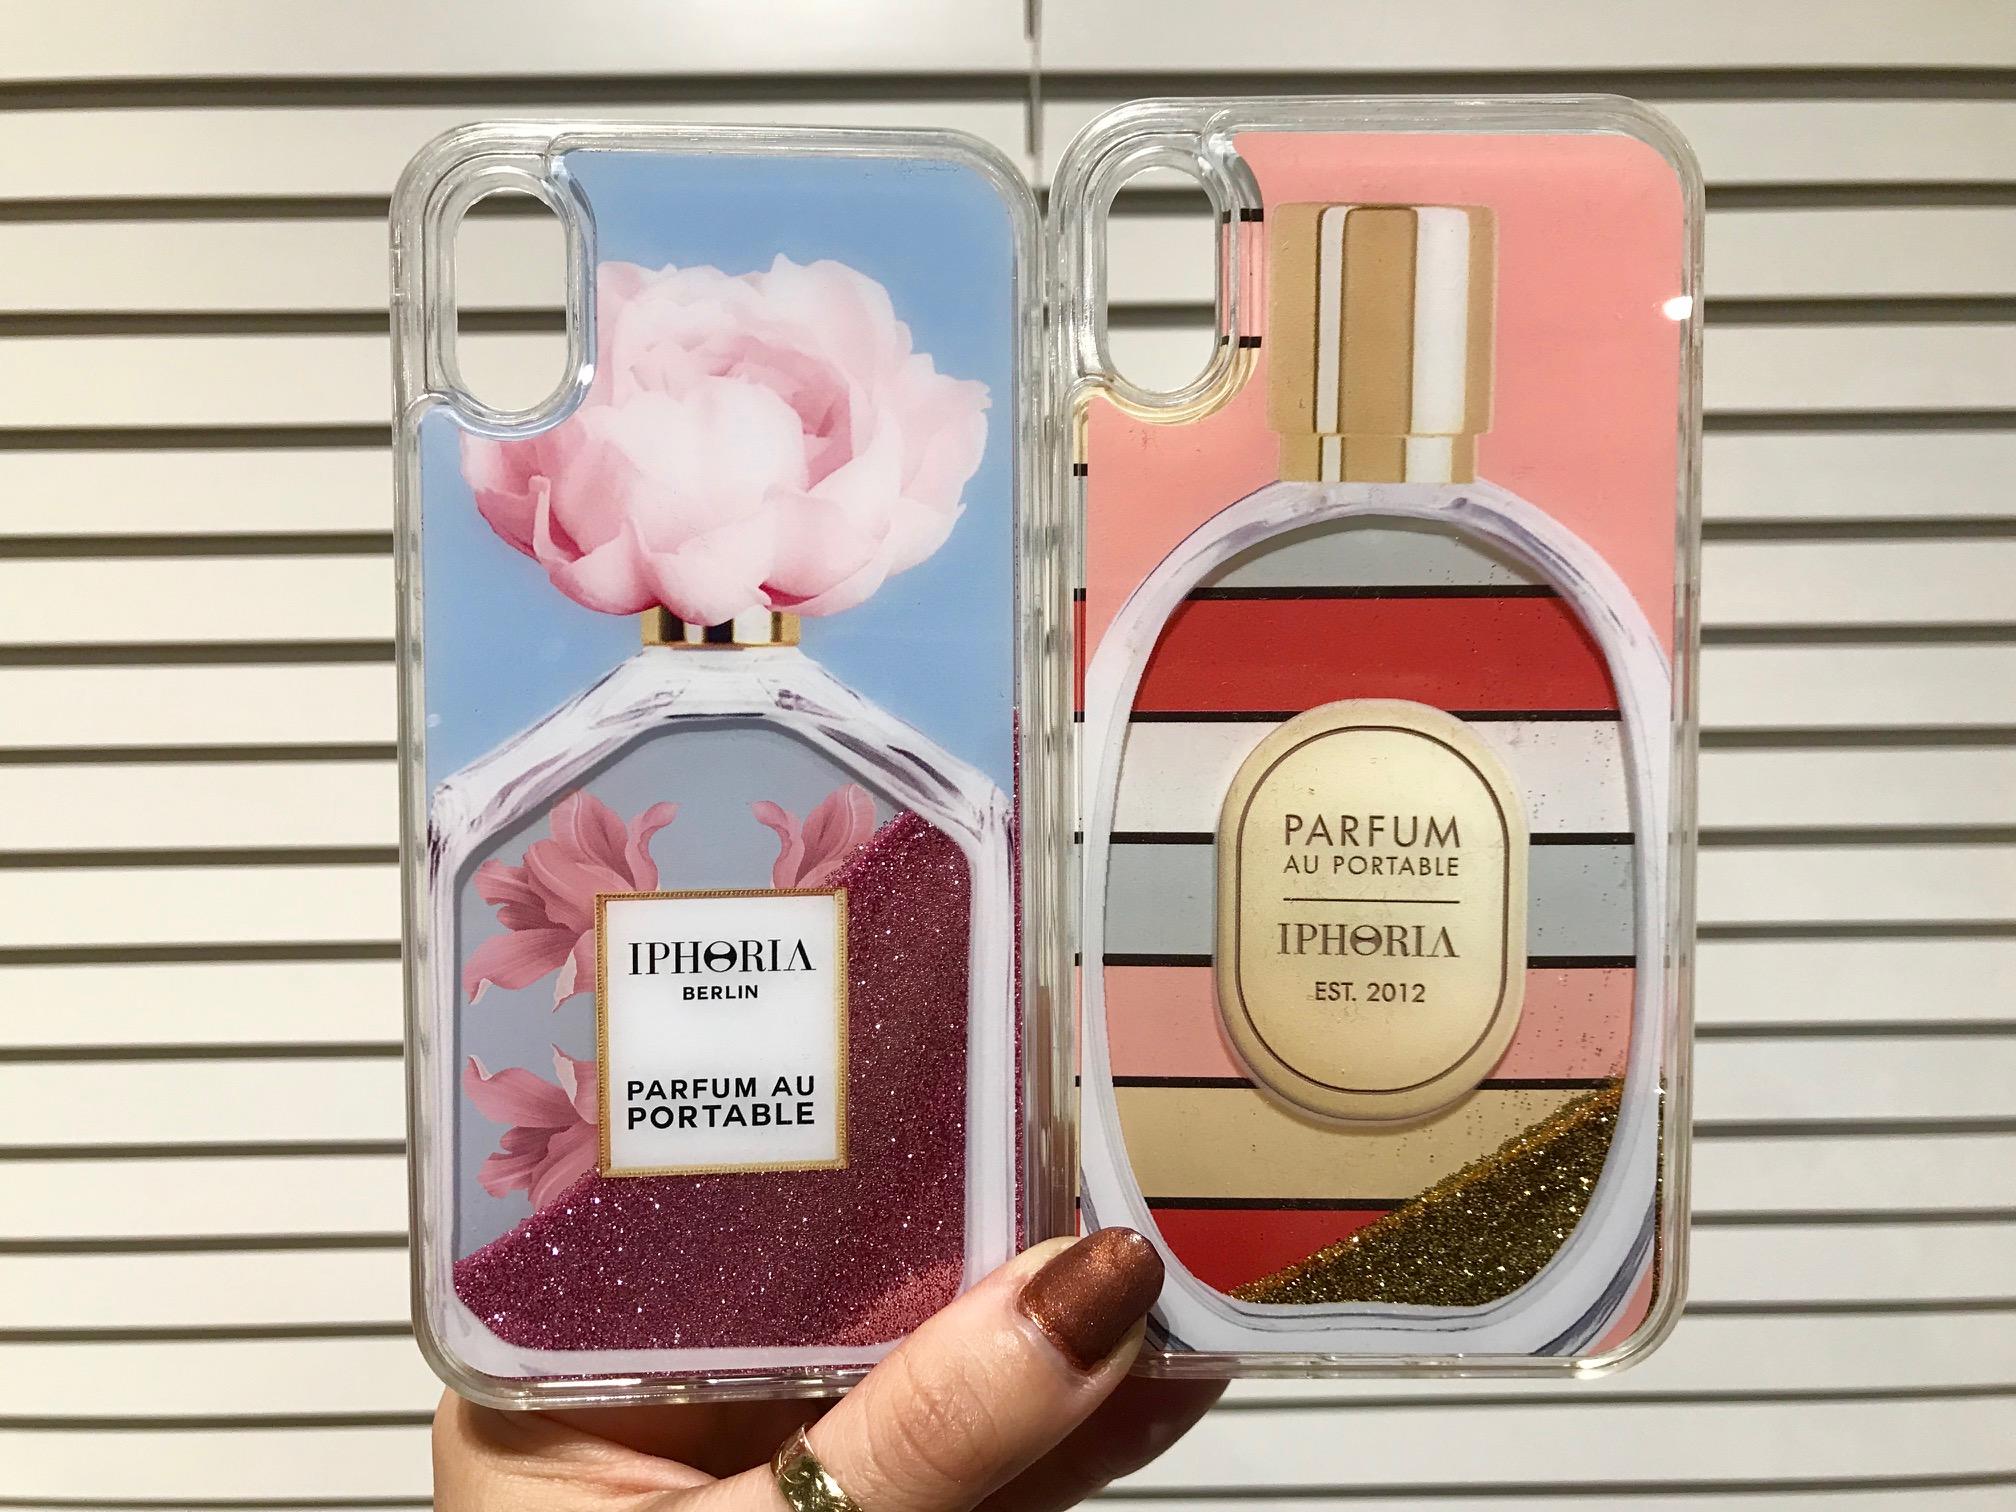 f51f472866 そして、『IPHORIA 』の看板デザインとも言える香水モチーフからも新しい柄が登場。「それどこの?」って聞かれる、キラキラのお目立ちデザインは、やっぱり可愛い!